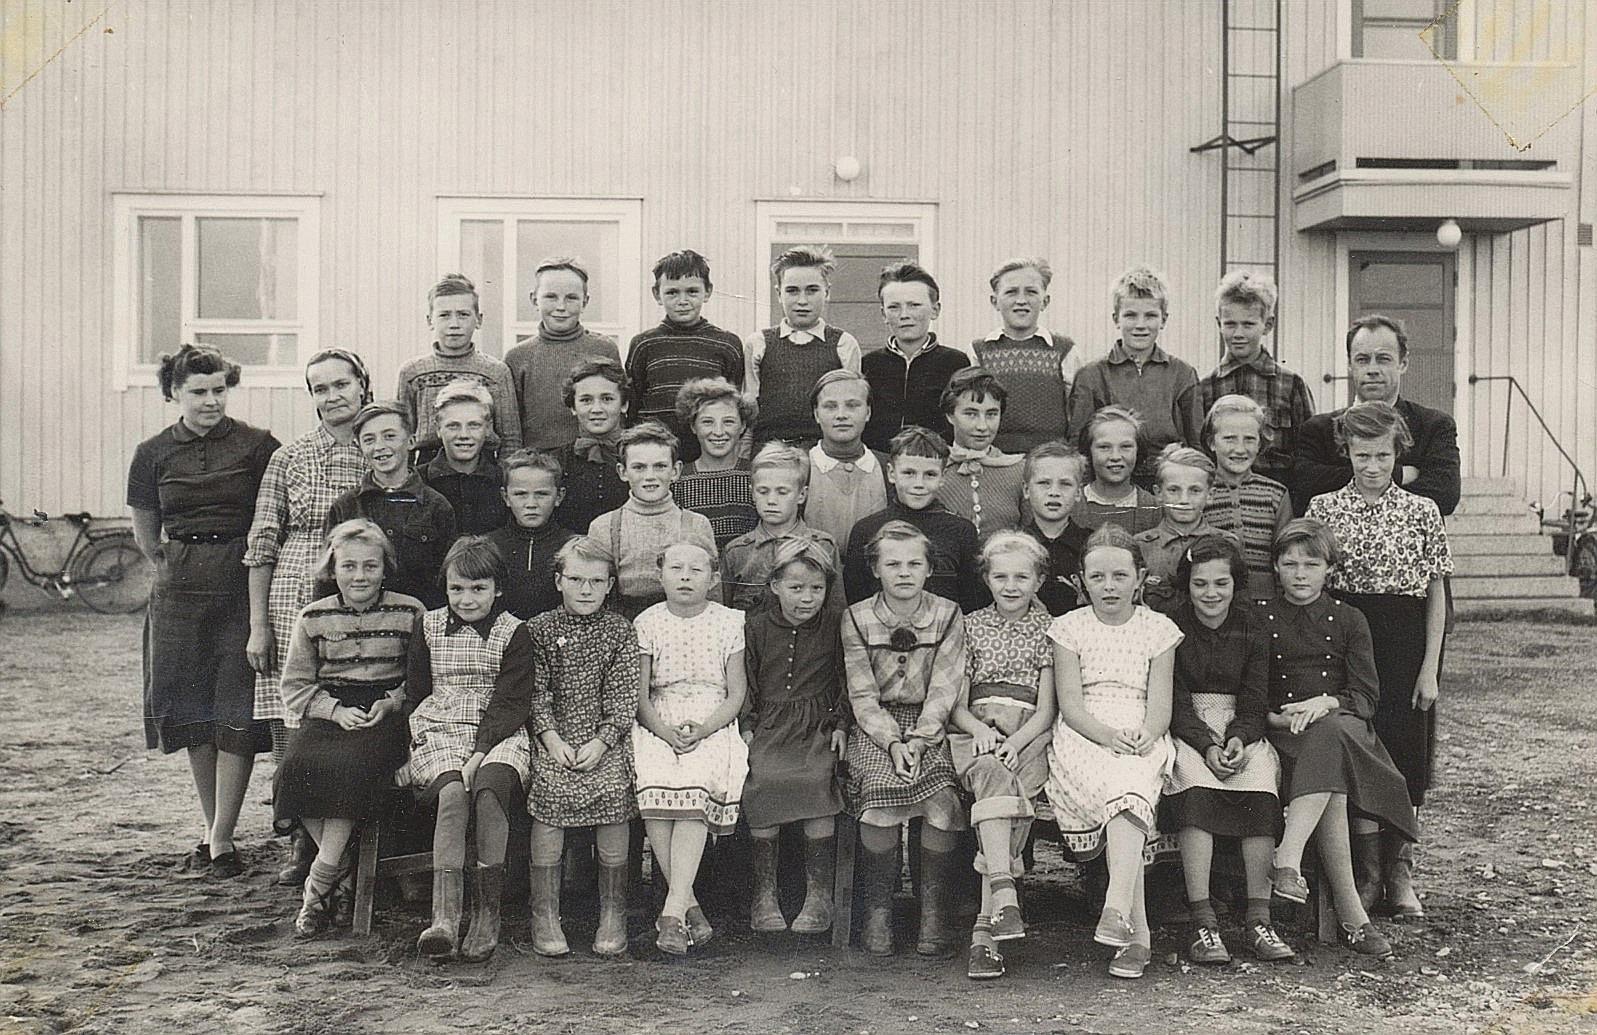 År 1955 var det så här många elever i finska folkskolan. Till vänster Ilona Klemets och till höger Ilmari Aho.